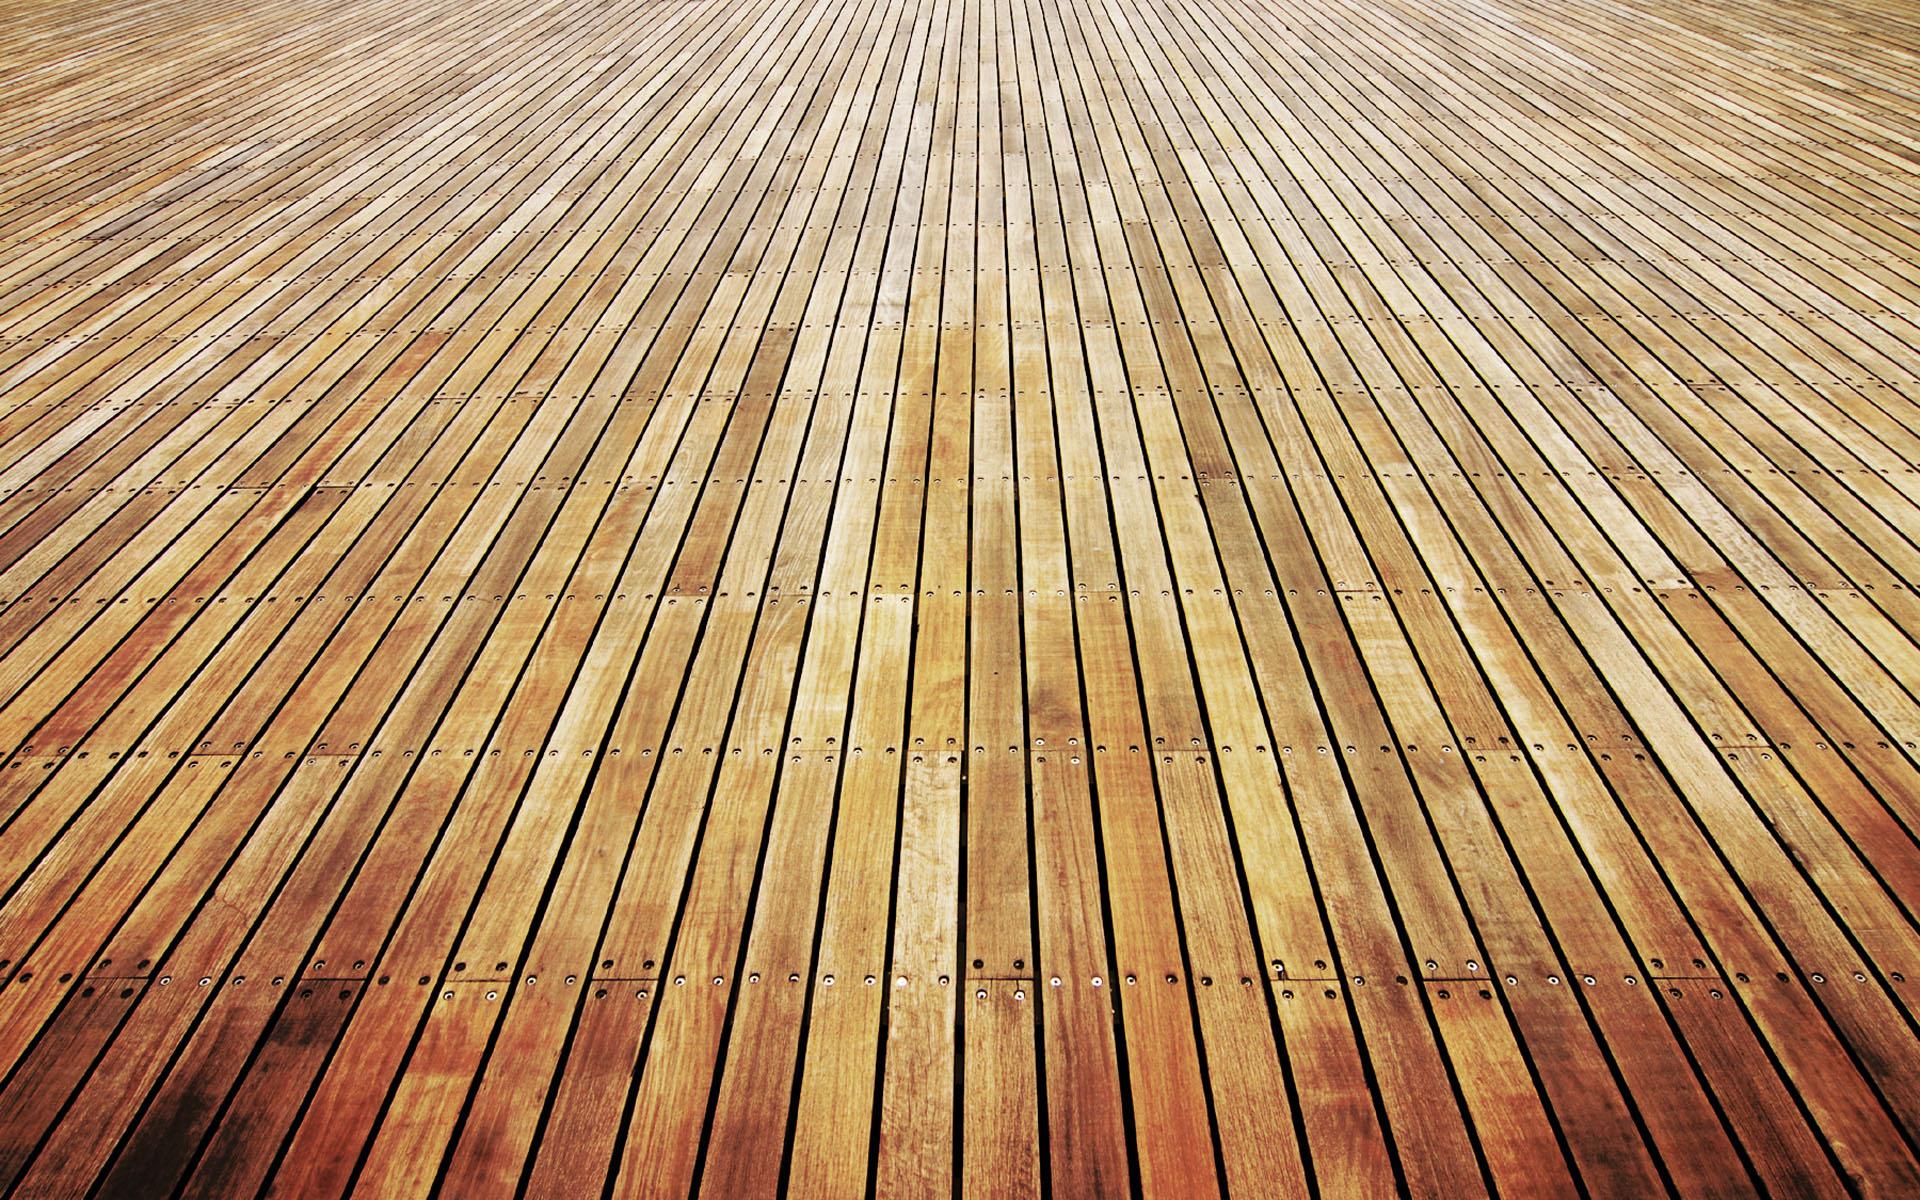 floor hd wallpaper wood floor hd wallpaper independent Flooring 1920x1200